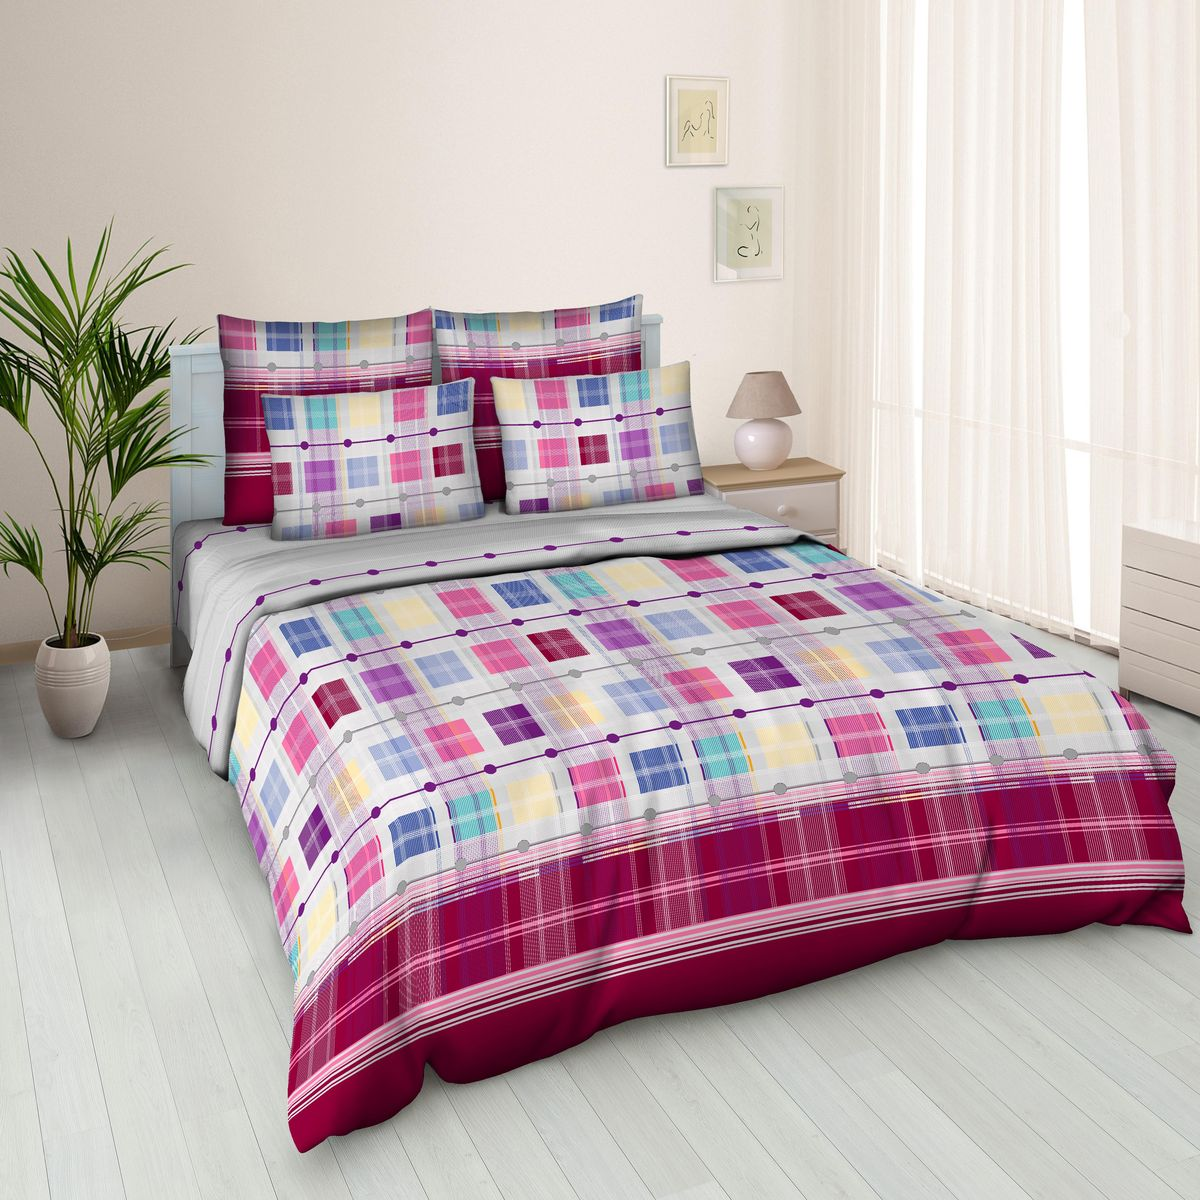 Комплект белья Amore Mio Alfred 4, 1,5-спальный, наволочки 70х70, цвет: розовый89293Комплект постельного белья Amore Mio является экологически безопасным для всей семьи,так как выполнен из бязи (100% хлопок). Постельное белье оформлено оригинальным рисунком иимеет изысканный внешний вид. Легкая, плотная, мягкая ткань отлично стирается, гладится, быстро сохнет.Комплект состоит из пододеяльника, простыни и двух наволочек. Советы по выбору постельного белья отблогера Ирины Соковых. Статья OZON Гид